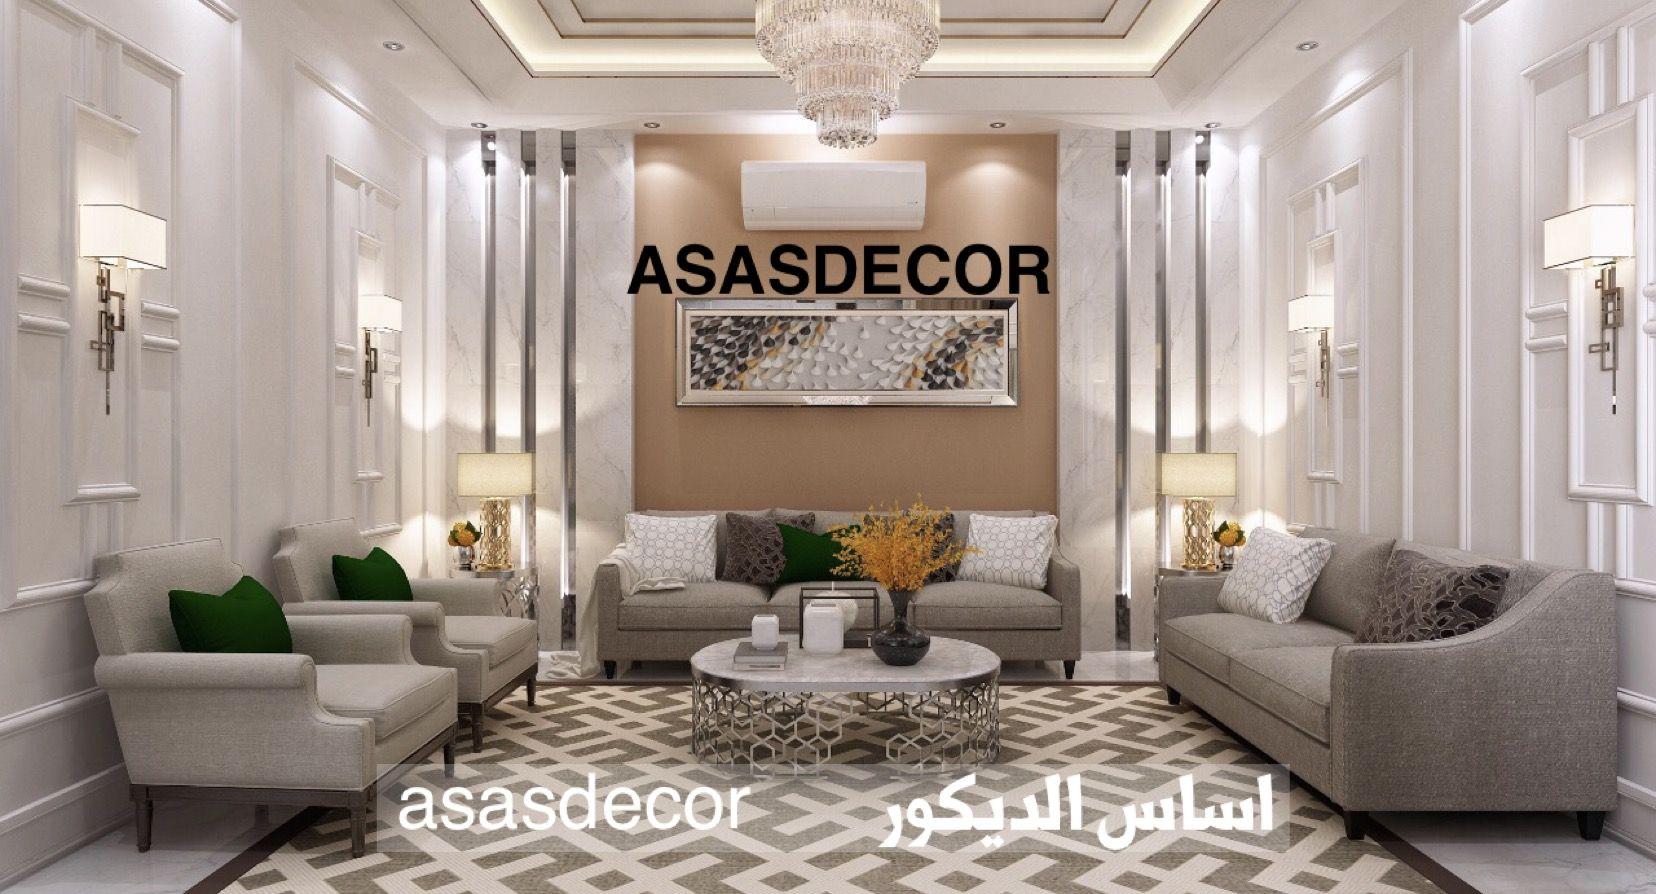 أساس الديكور للتصميم الداخلي والخارجي ديكورات ديكور دهانات تصميم داخلي اثاث غرف بناء Home Decor Decals Decor Home Decor